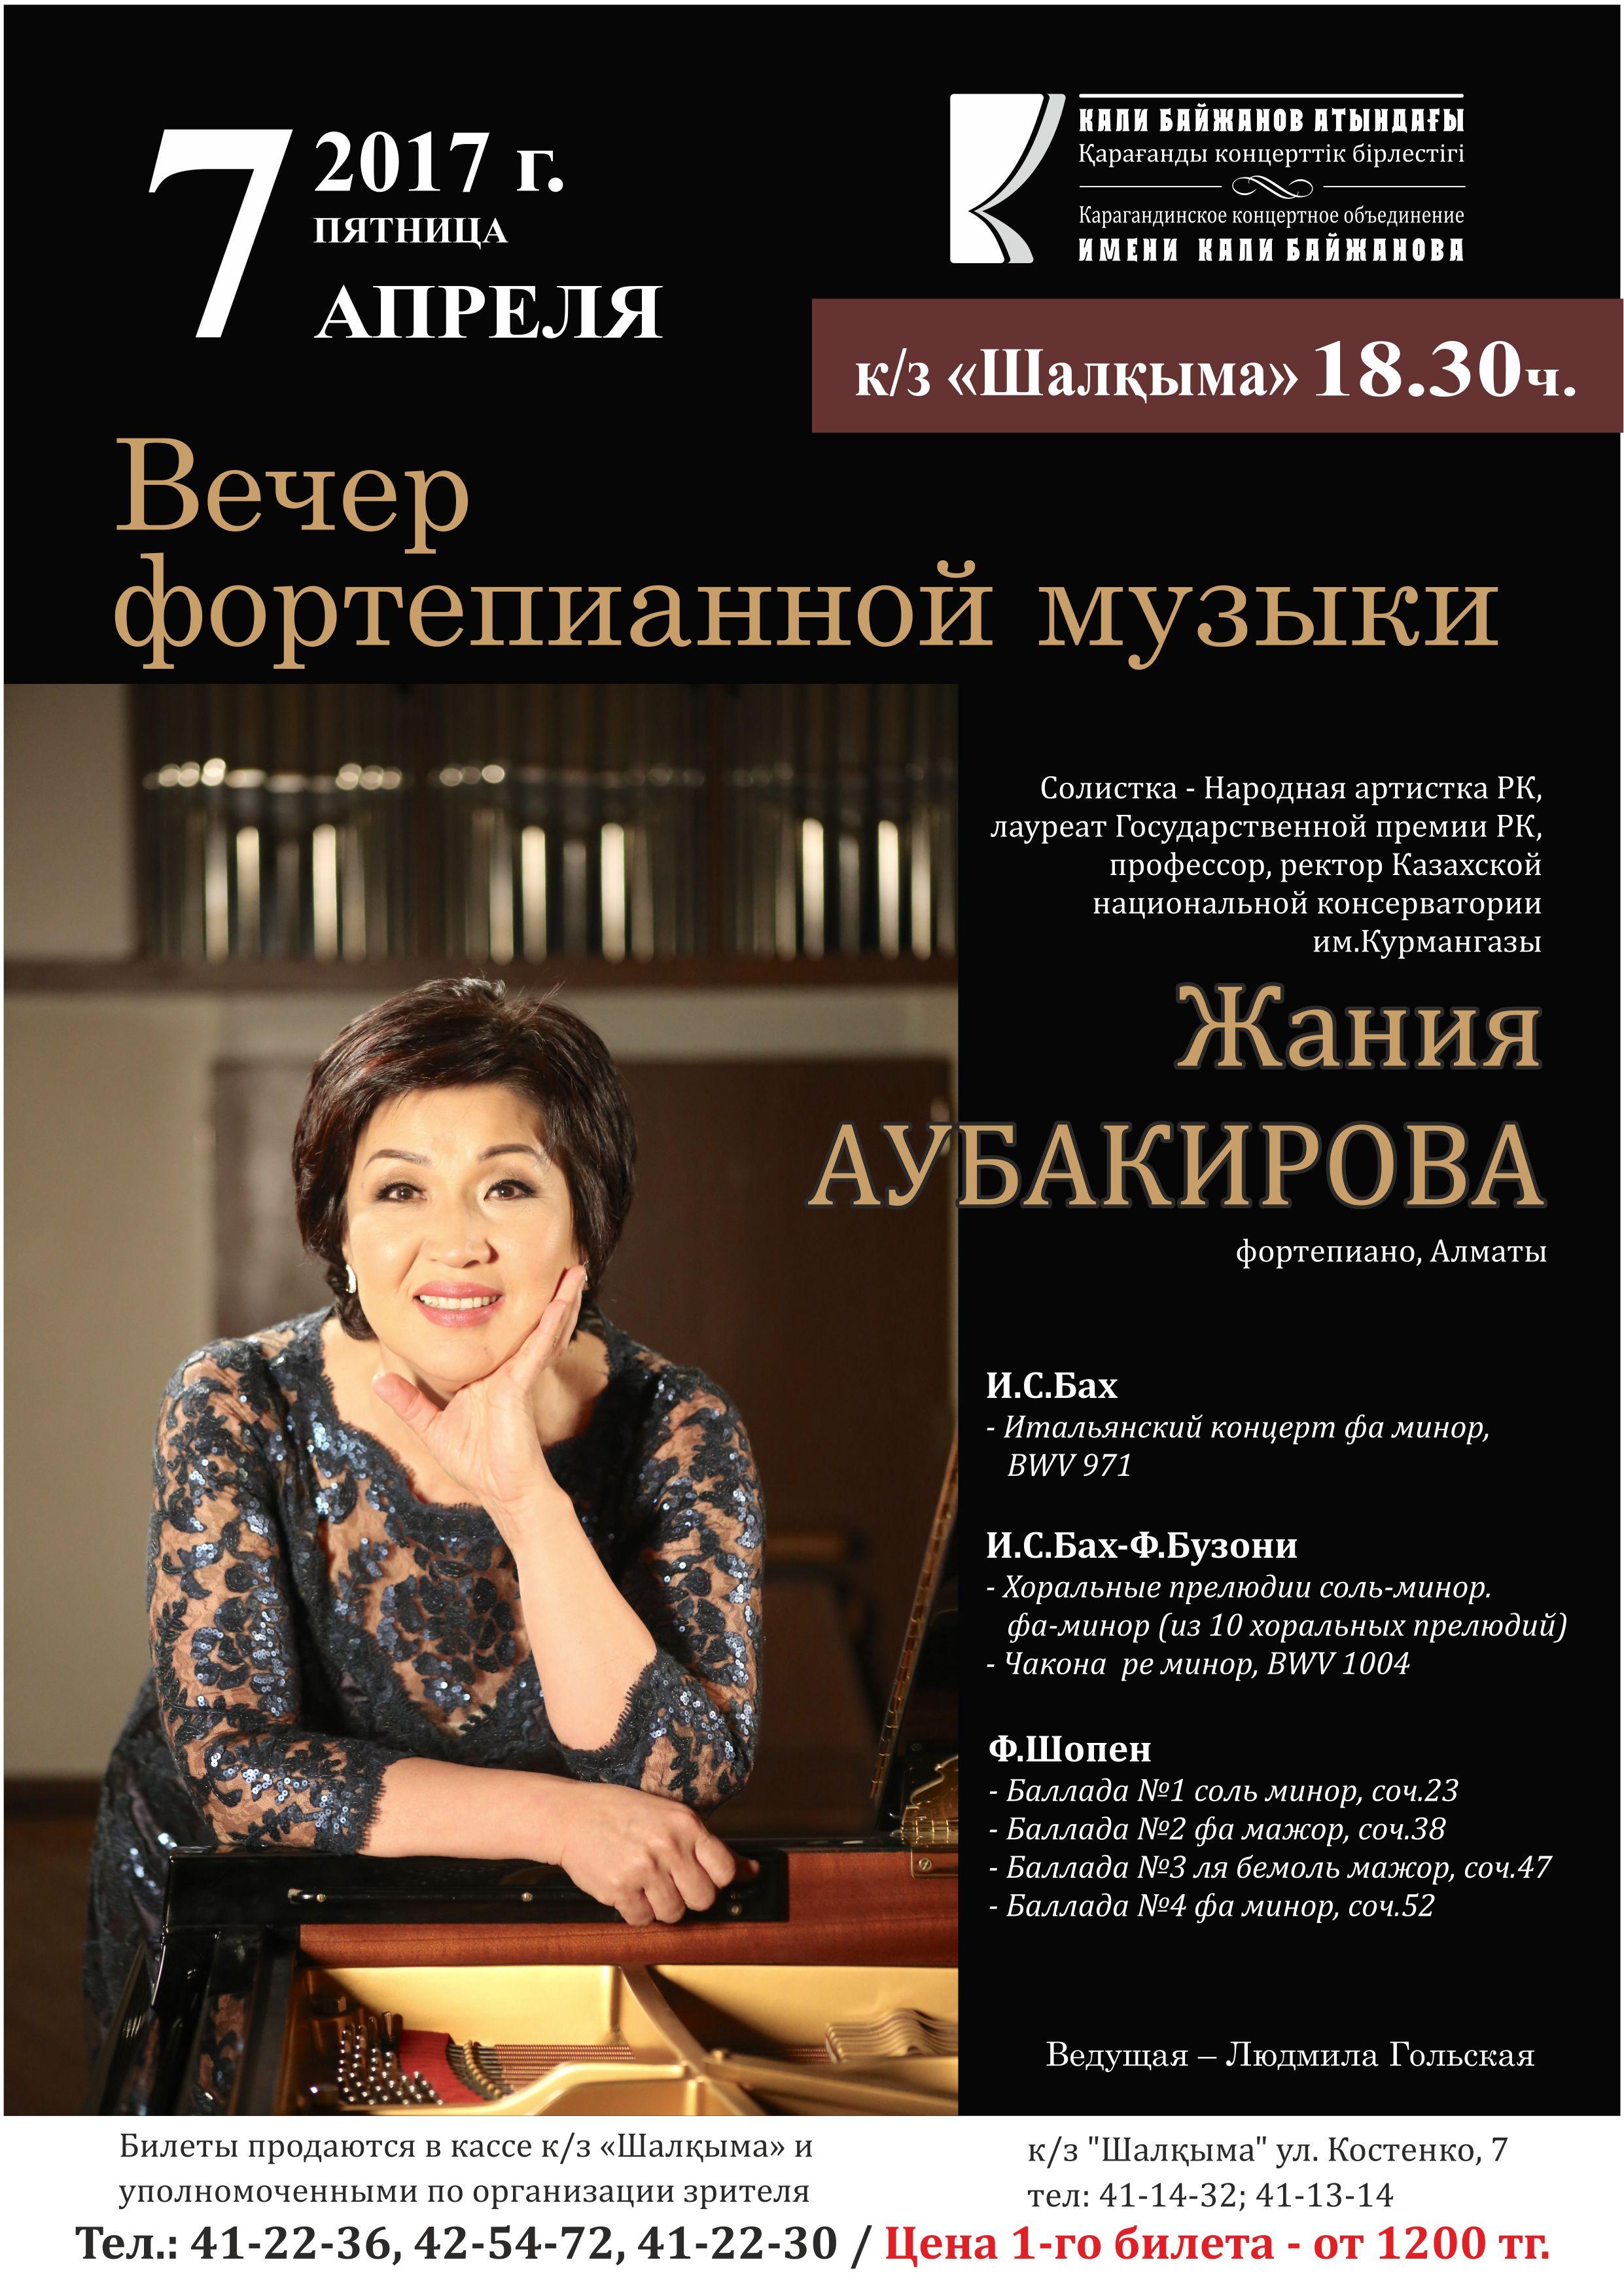 Вечер фортепианной музыки, Дирижер: Жания Аубакирова